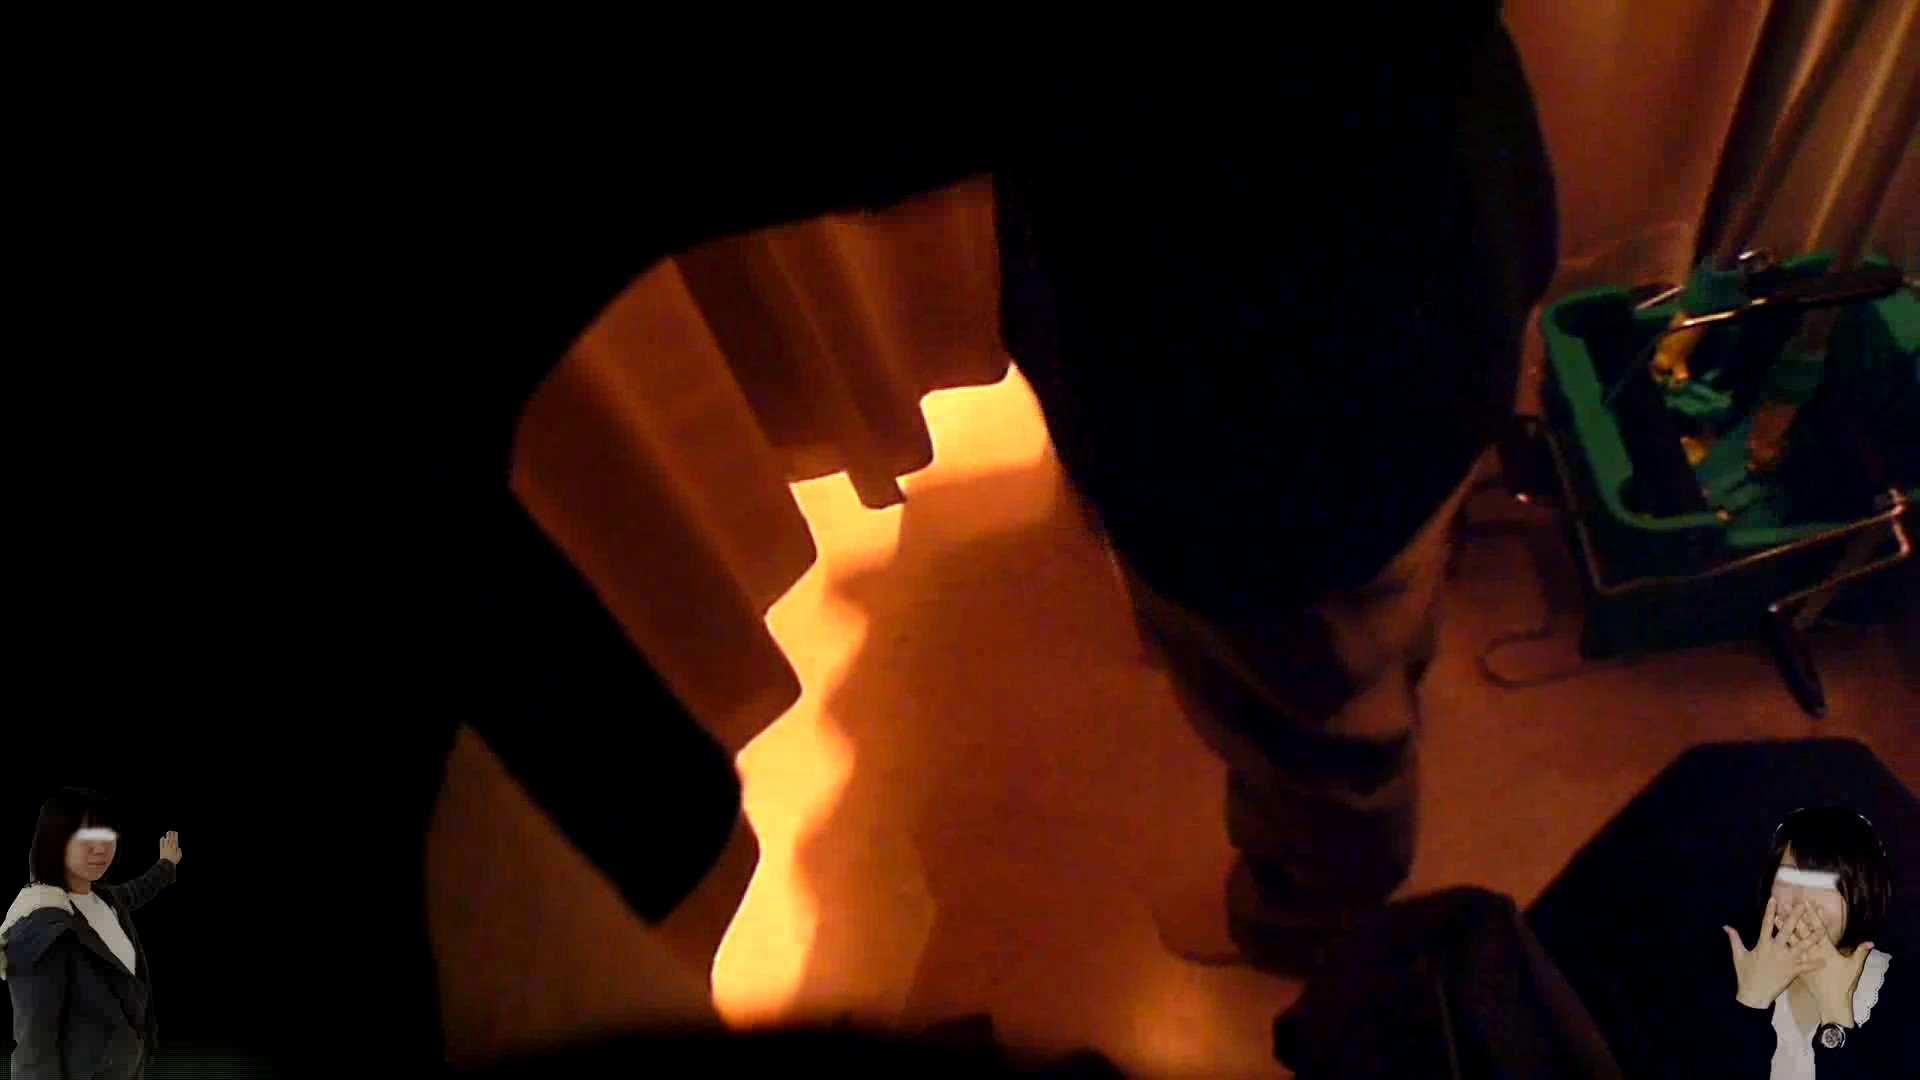 素人投稿 現役「JD」Eちゃんの着替え Vol.04 素人エロ投稿 盗撮動画紹介 60画像 23